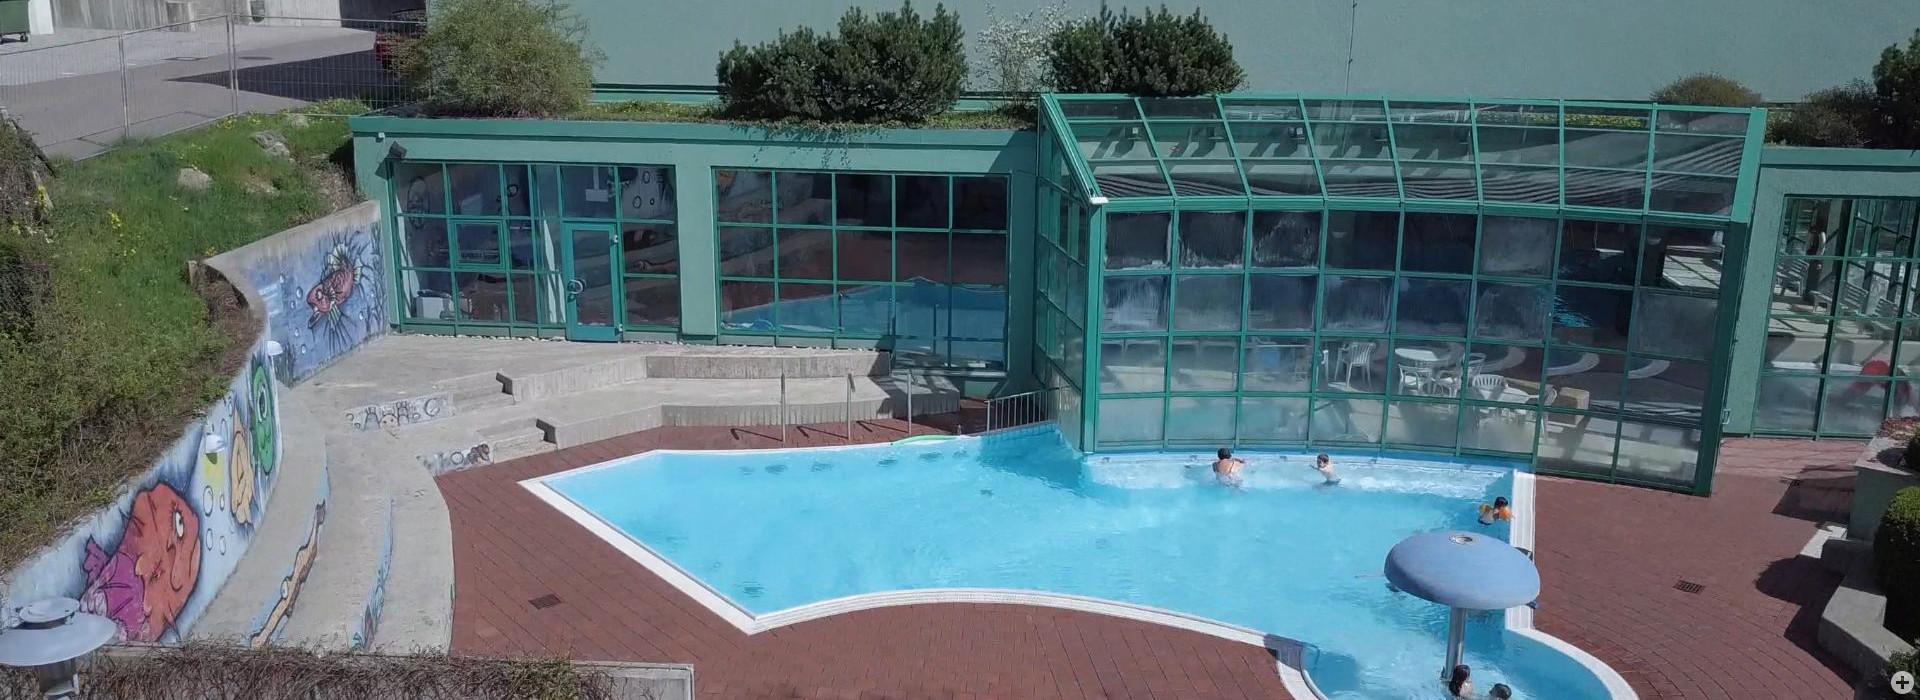 Freizeitbad Aquafit